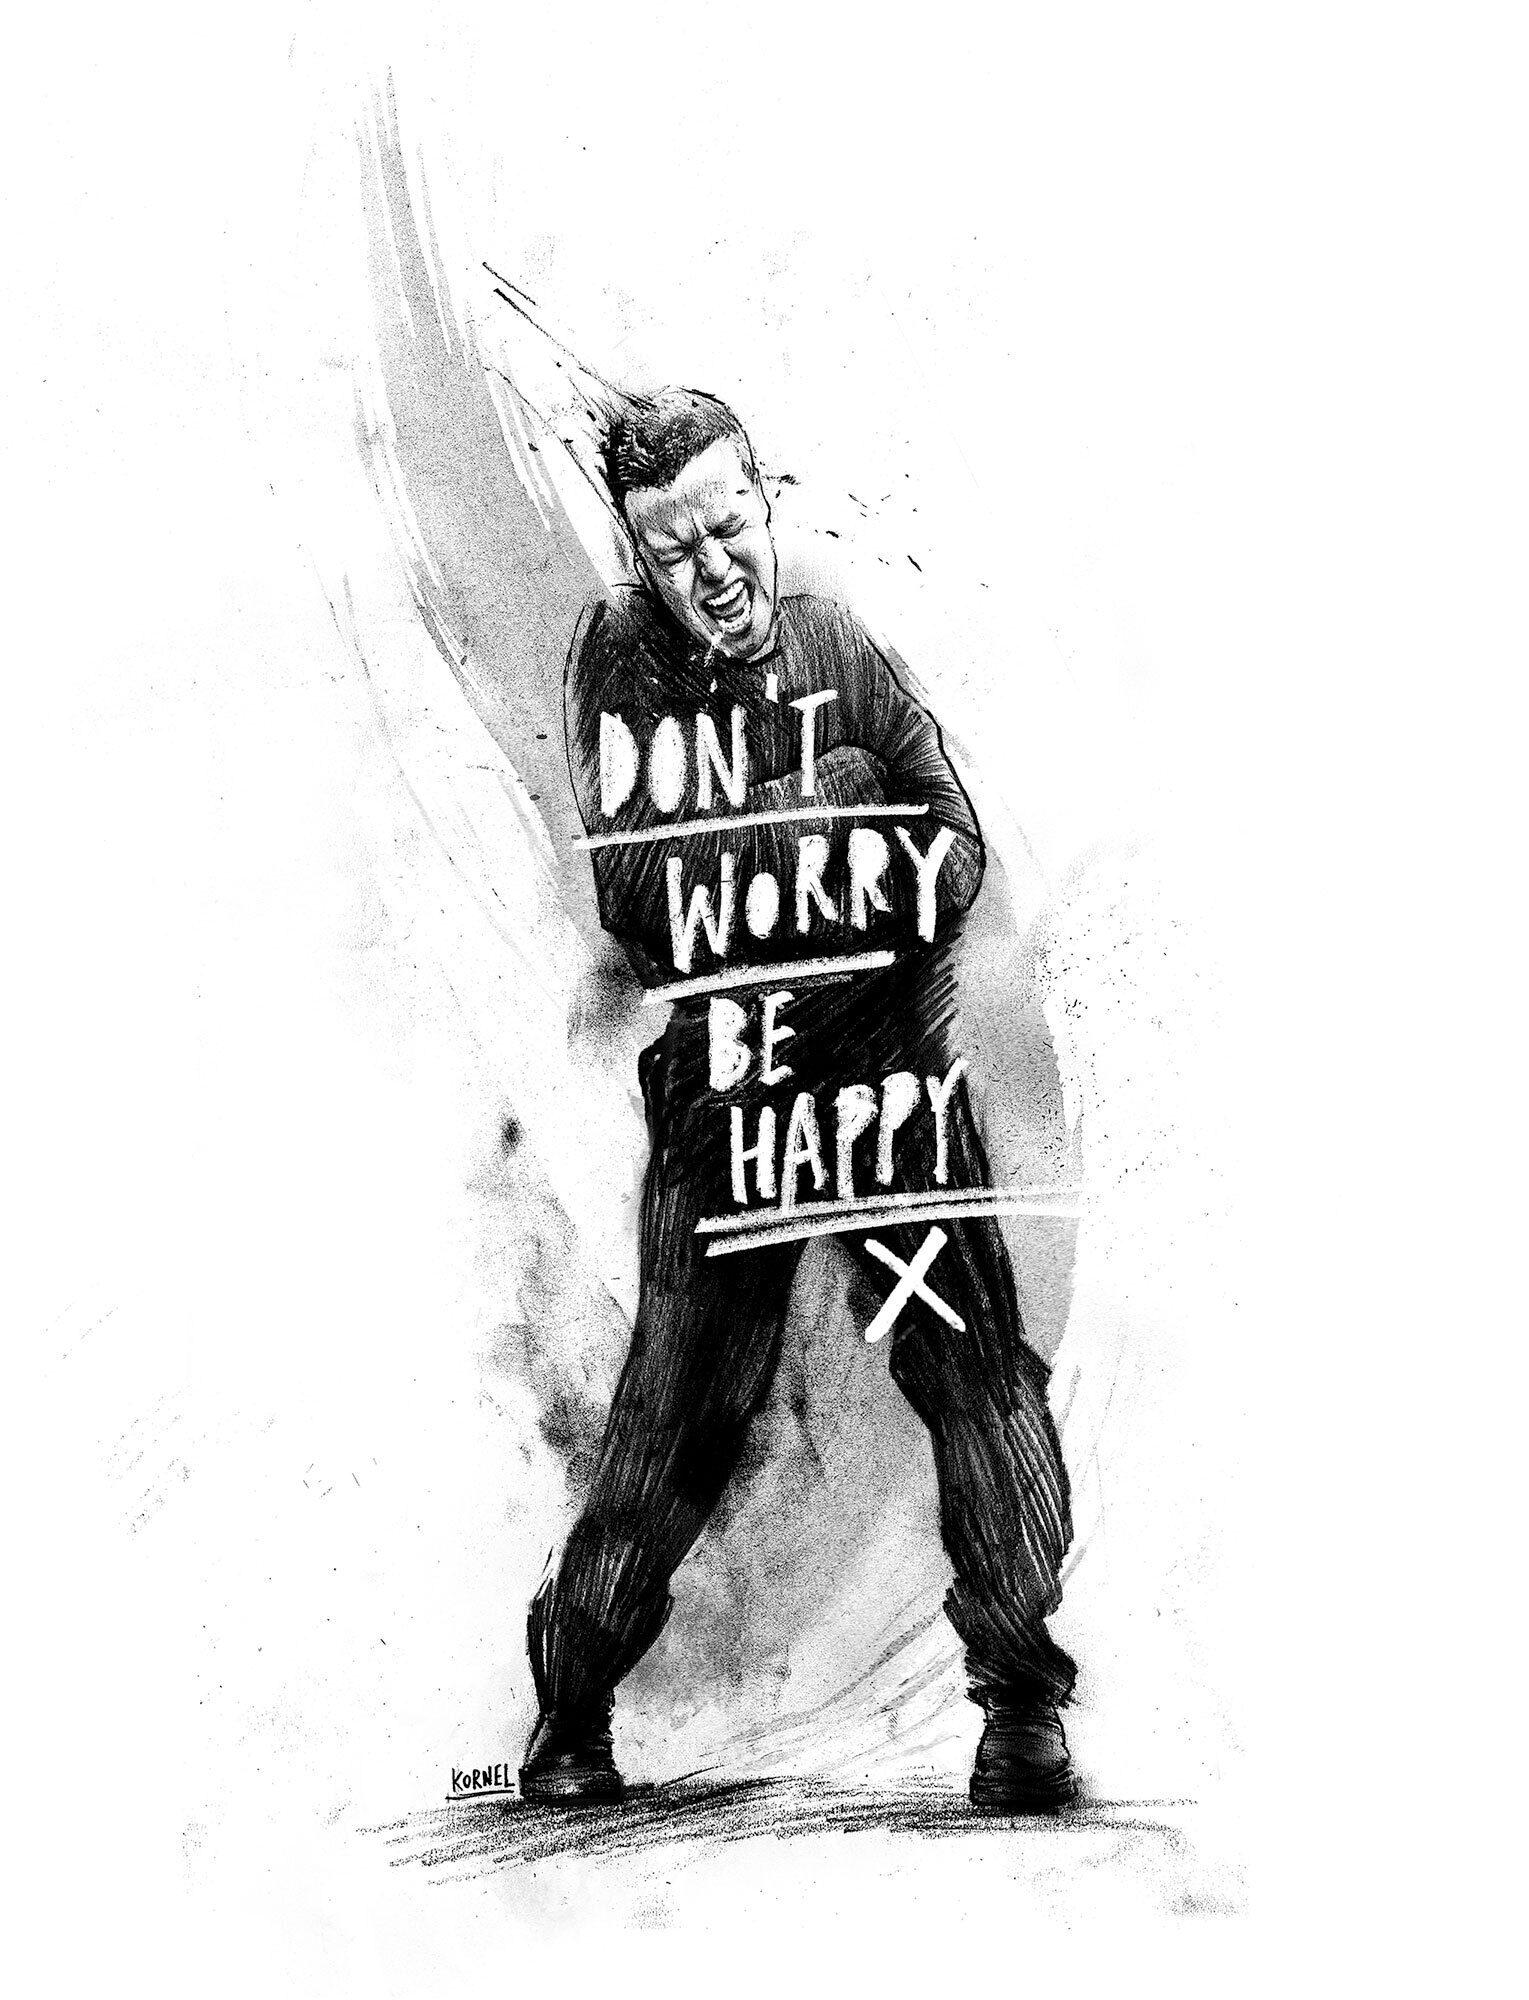 Be happy artwork - Kornel Illustration | Kornel Stadler portfolio